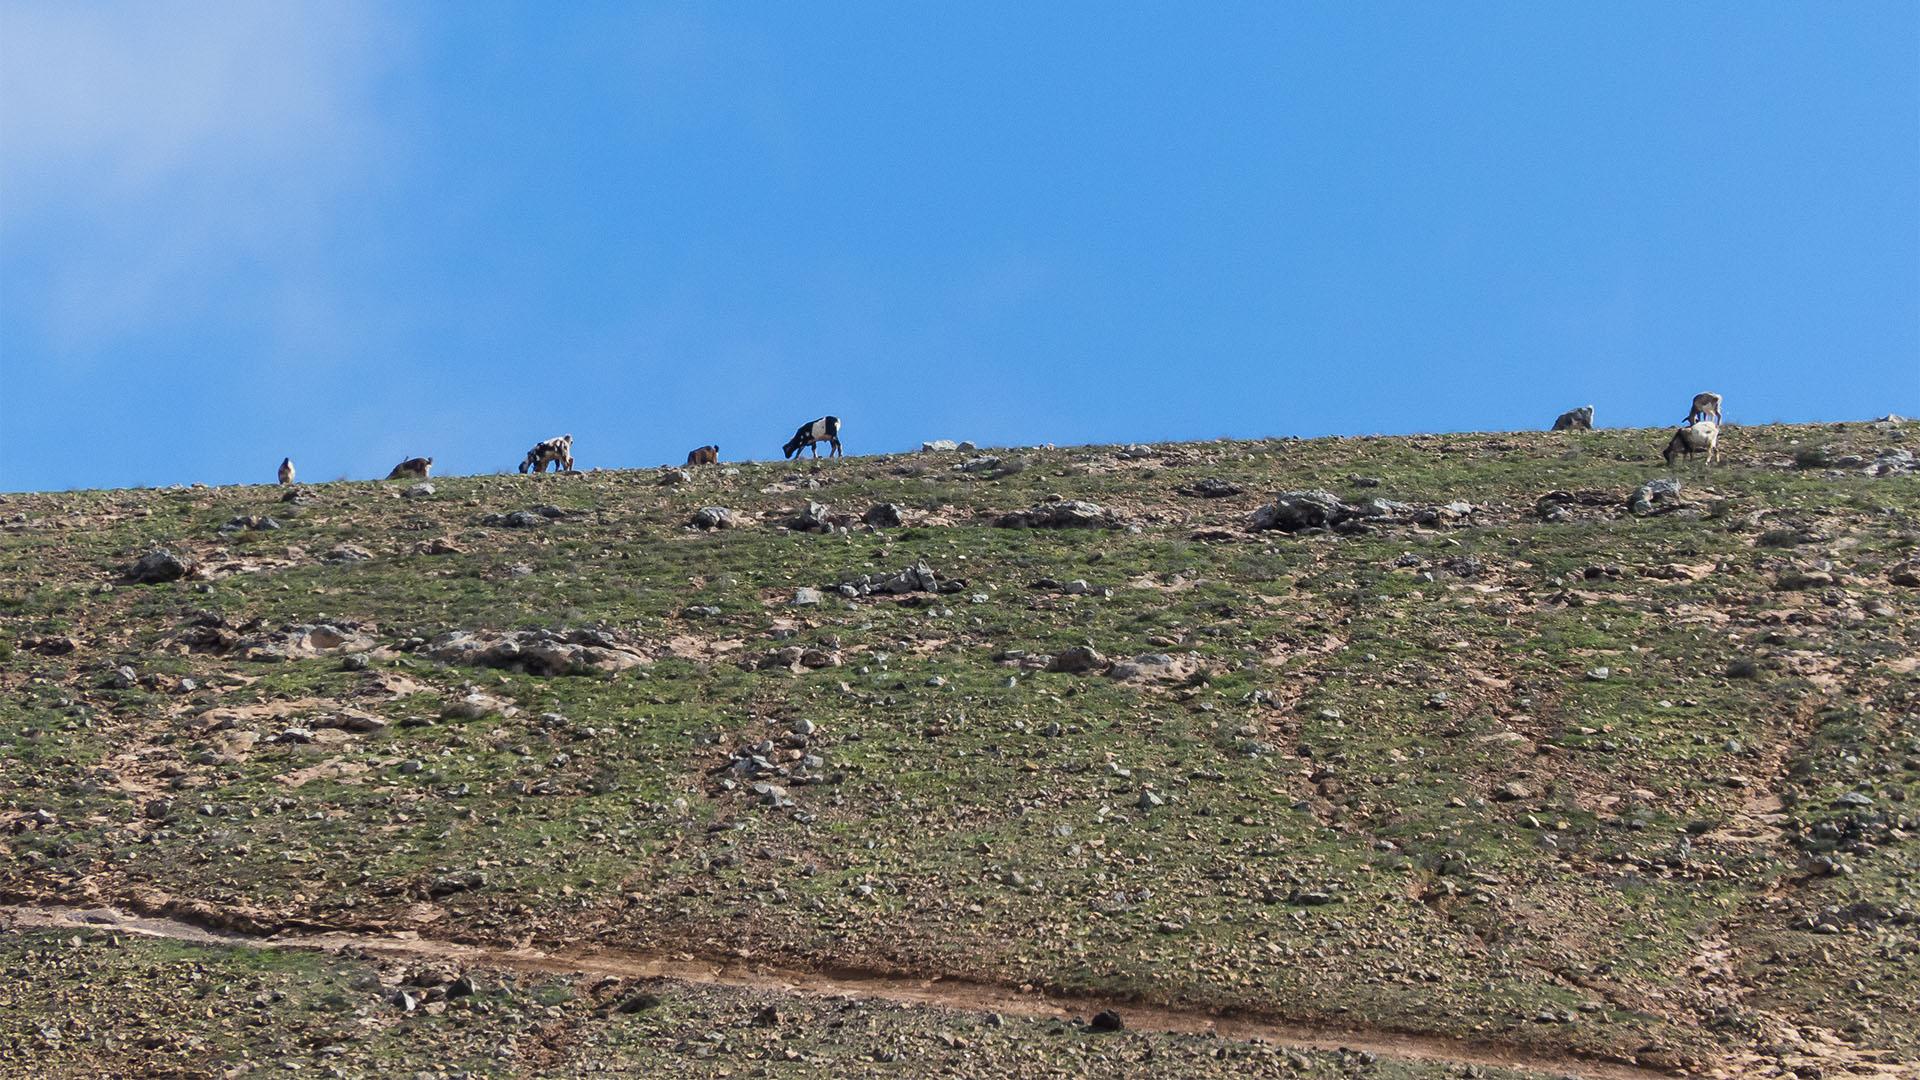 Wandern + Trekking auf Fuerteventura: Durch das Valle de Tetir nach Tefía.